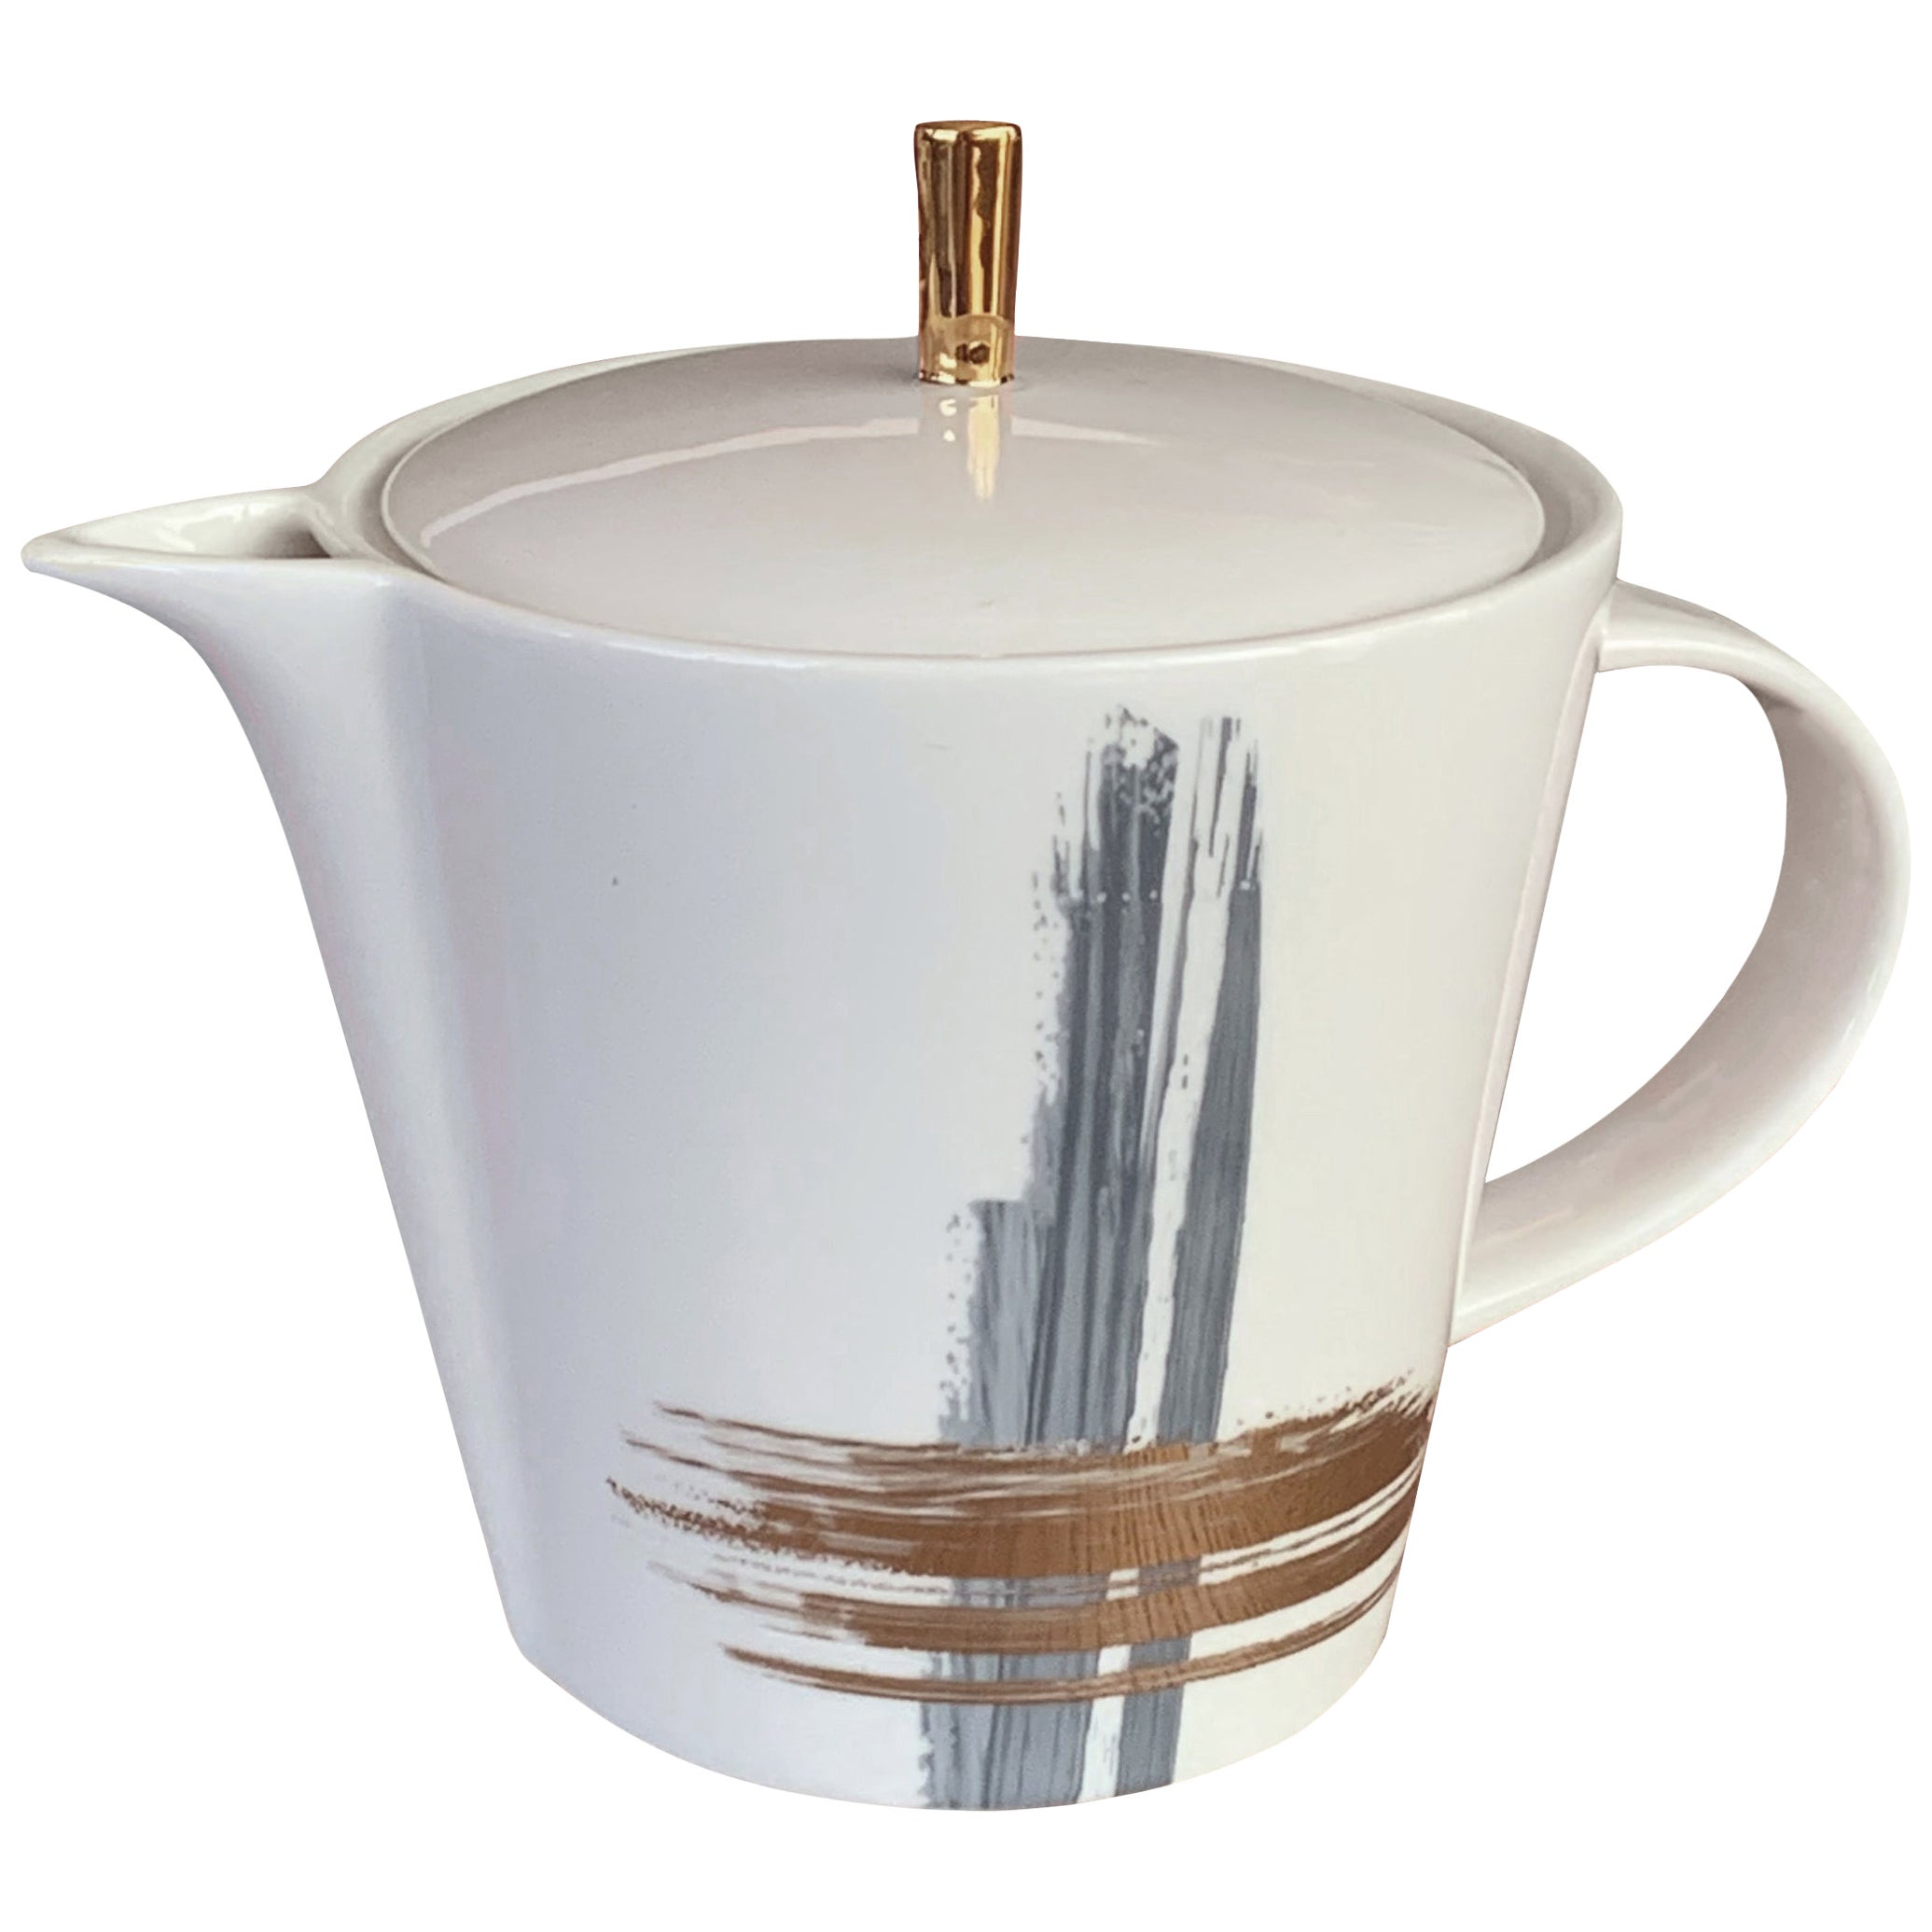 Large Tea Pot Artisan Brush André Fu Living Tableware New